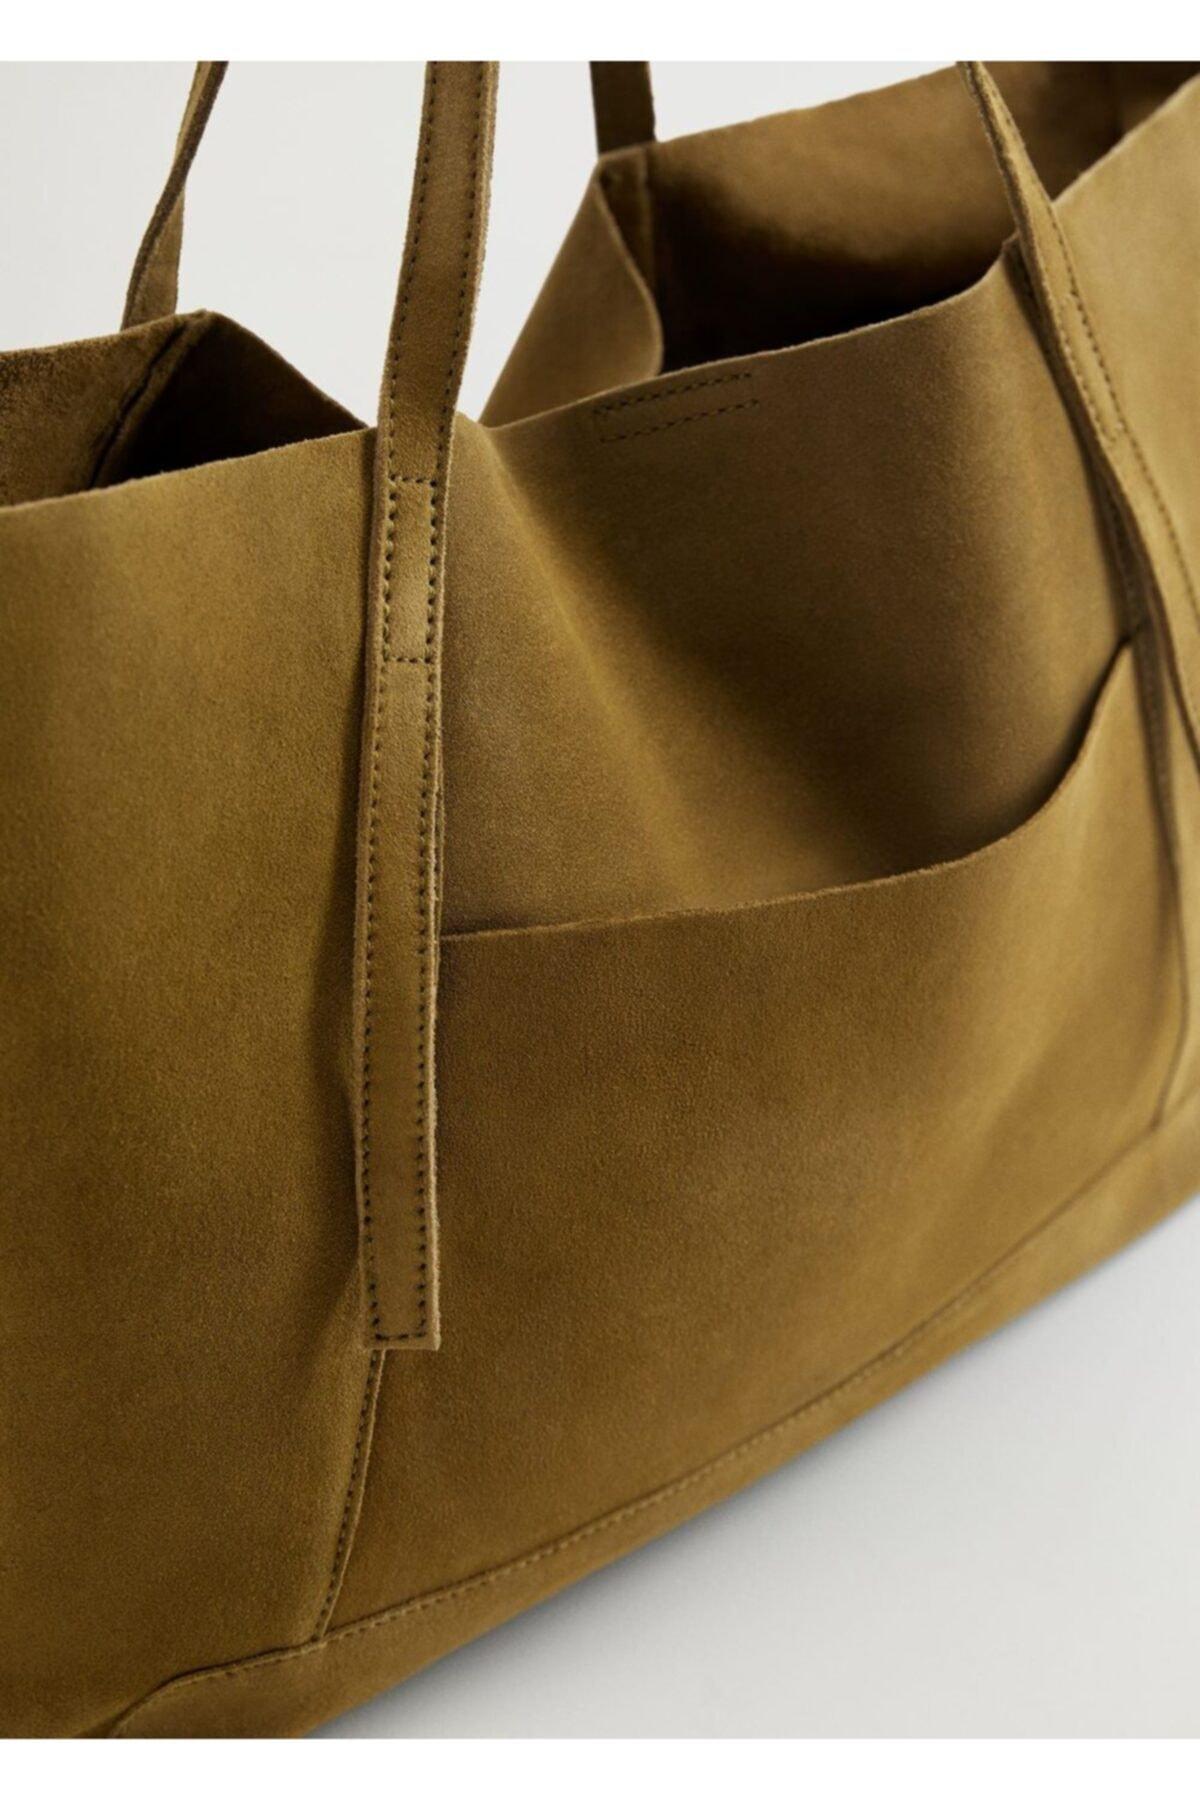 MANGO Woman Kadın Haki Deri Shopper Çanta 1